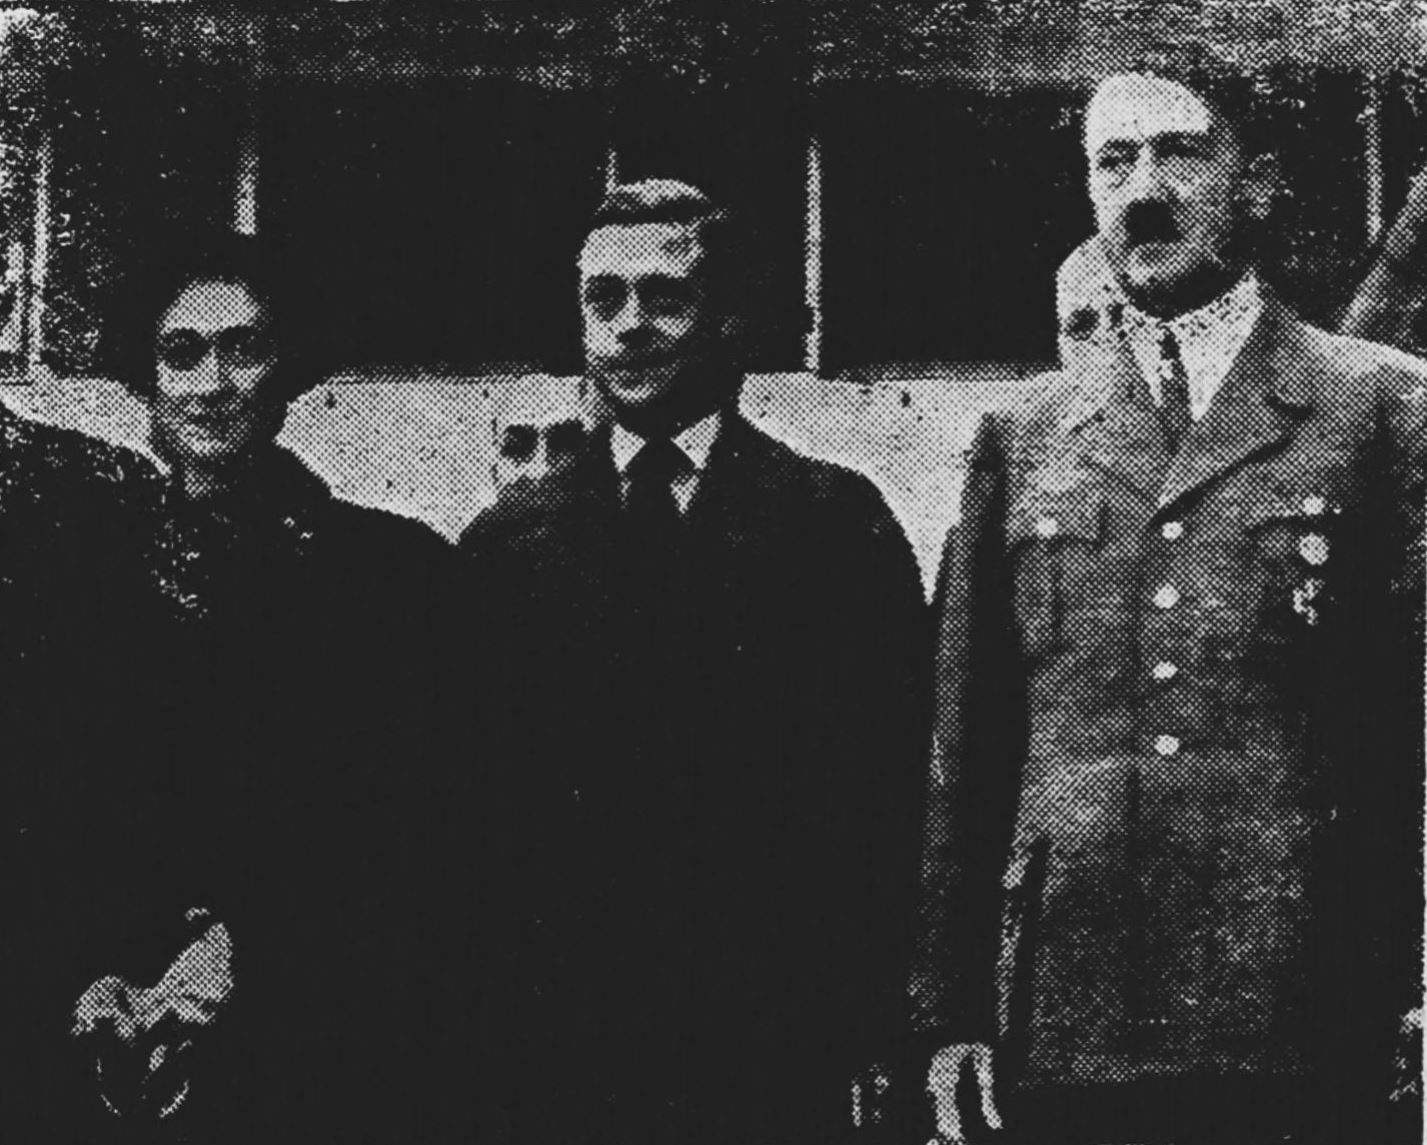 Edward wraz z żoną podczas wizyty u Kanclerza Rzeszy - Adolfa Hitlera - podczas wizyty w jego rezydencji w Berchtesgaden, październik 1937 r. (fot. Wikimedia.org / Domena publiczna)